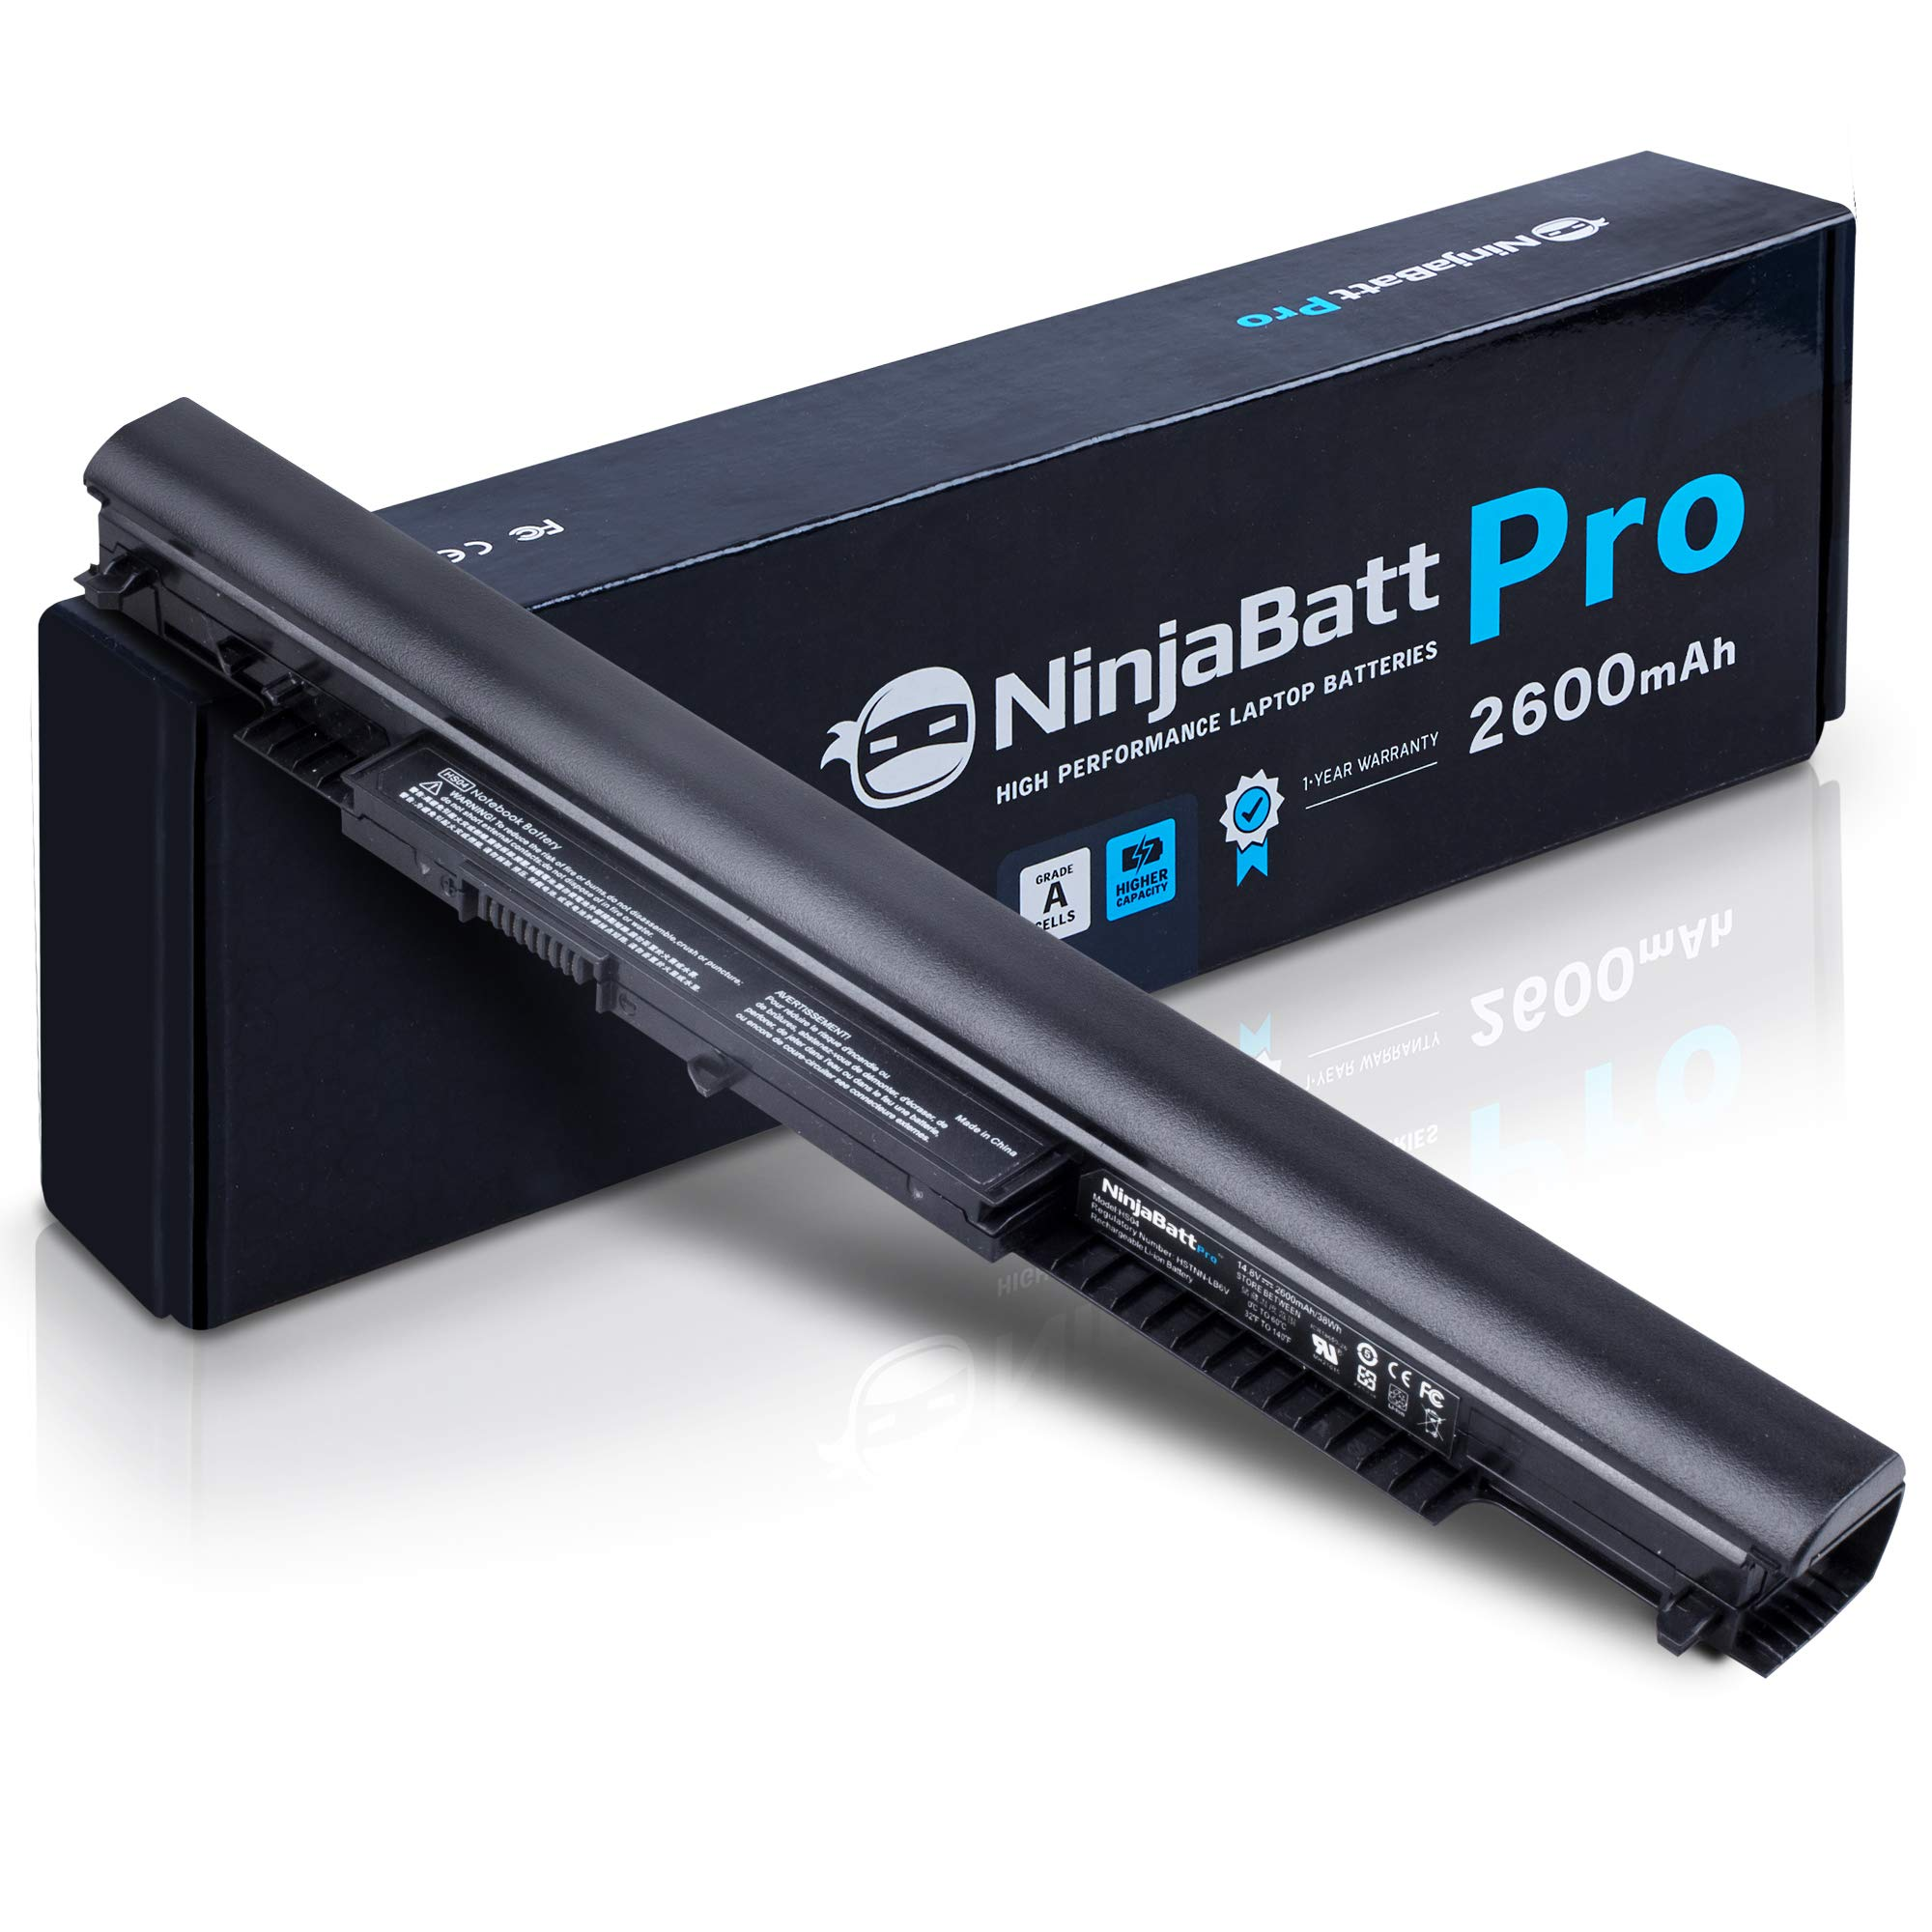 NinjaBatt Pro Battery for HP 807956-001 807957-001 HS04 807611-421 HS03 HSTNN-LB6U 15-AY039WM 15-AY009DX 15-AY061NR 15-BA009DX TPN-I119 15-AY041WM 255 G5 HSO4, Samsung Cells - [4 Cells/2600mAh]